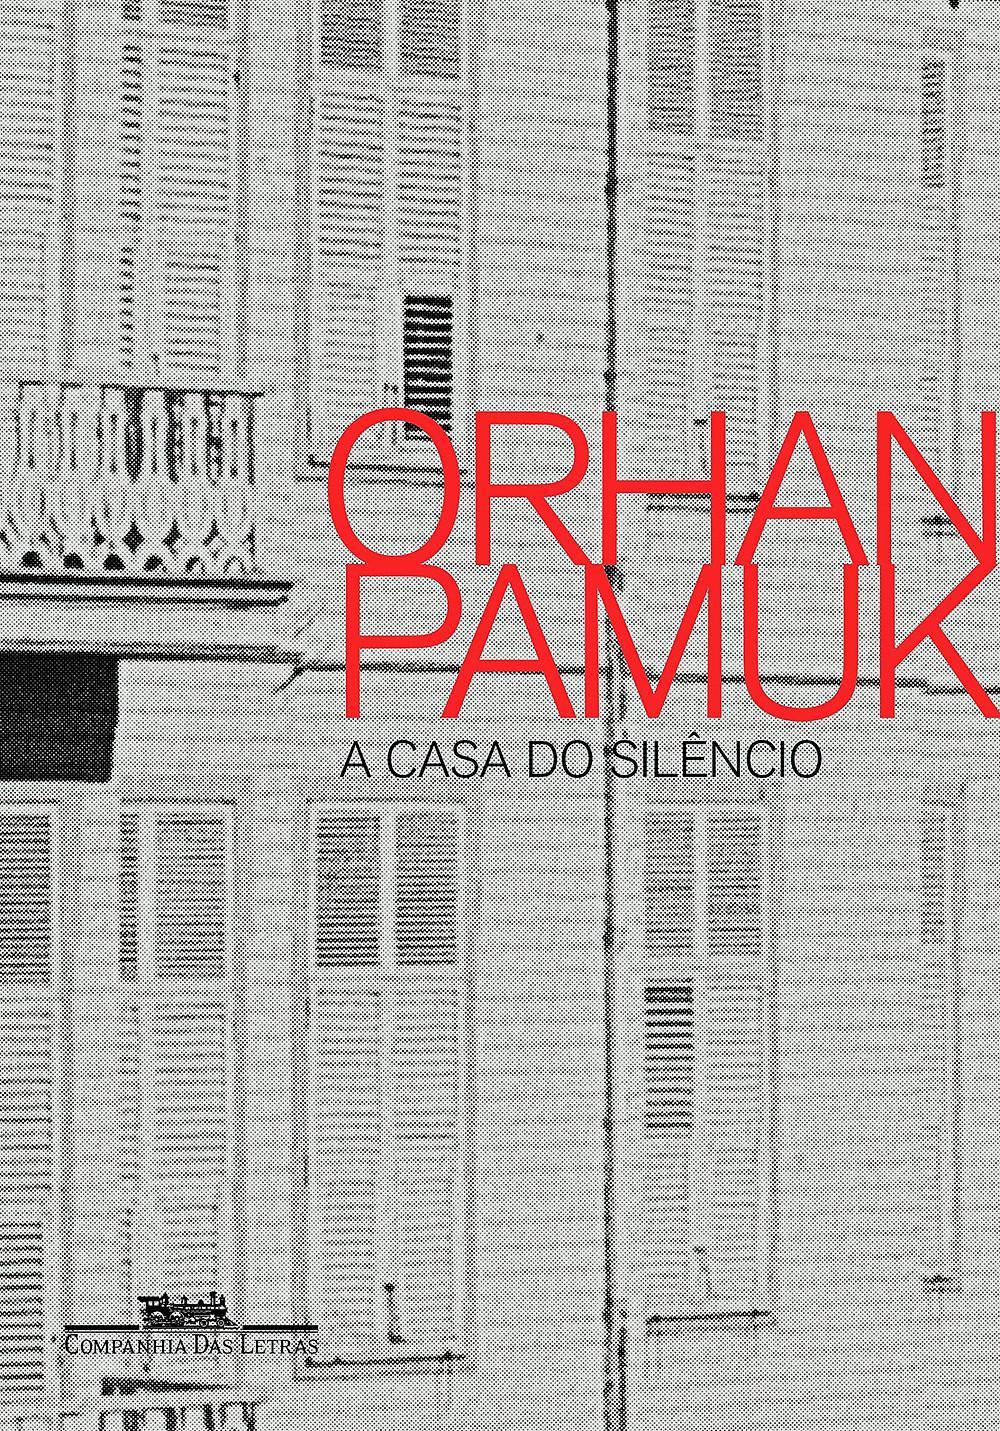 A Casa do Silêncio é o romance de Orhan Pamuk